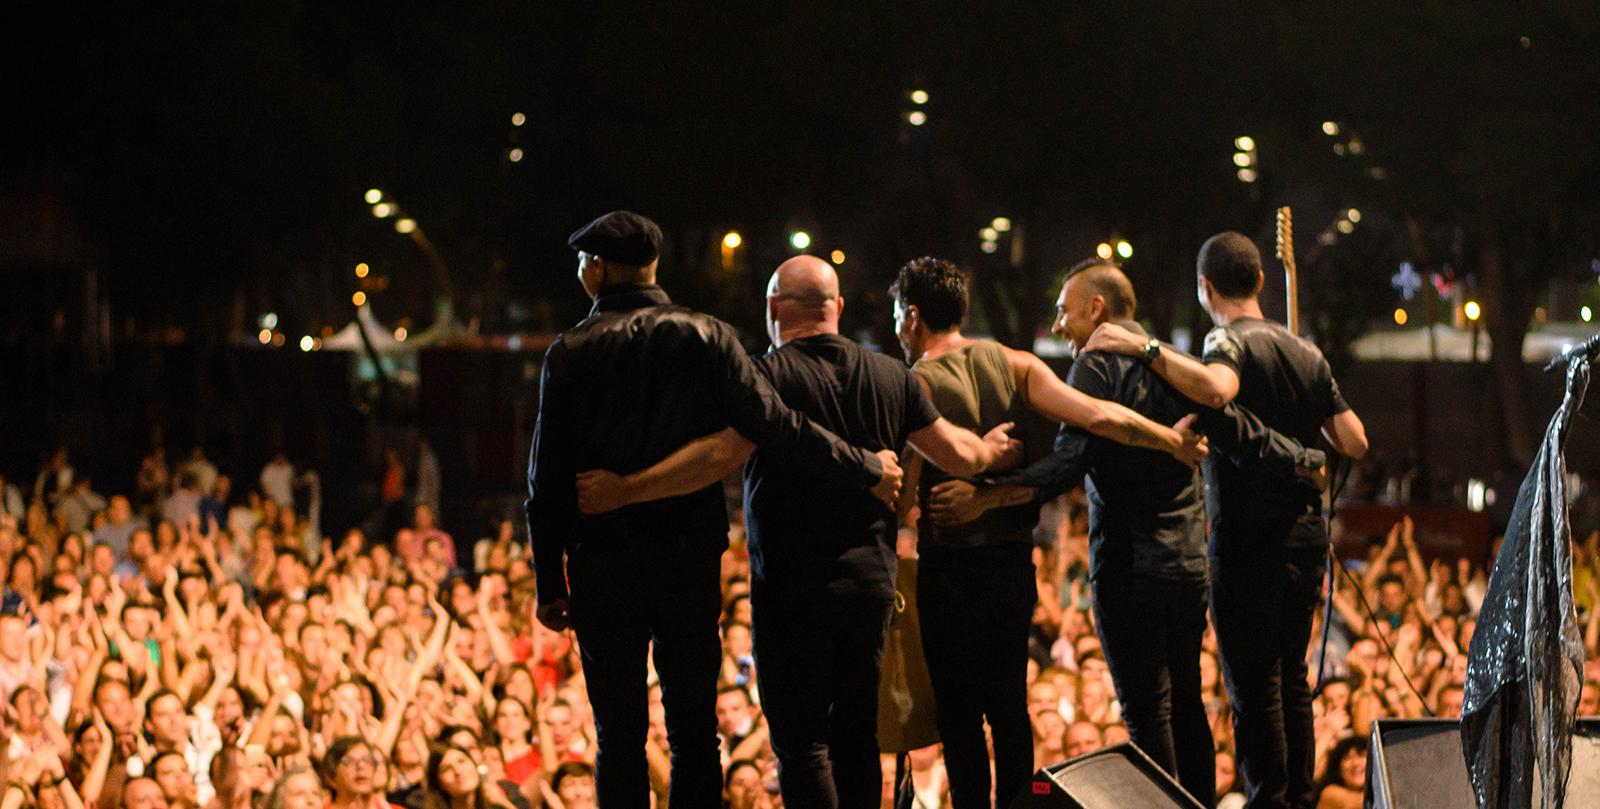 David DeMaría ofrecerá los últimos conciertos de la gira 'Séptimo Cielo' este fin de semana